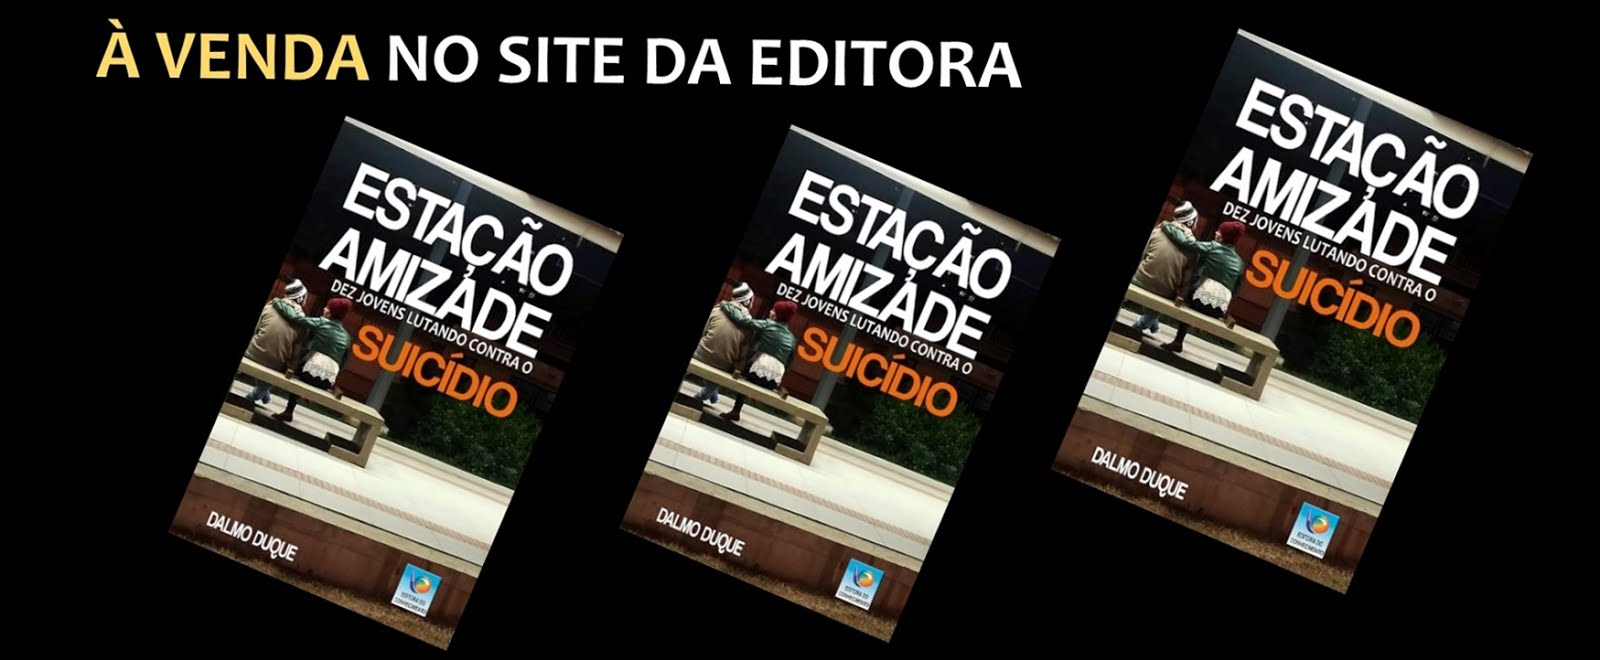 JÁ À VENDA NO SITE DA EDITORA